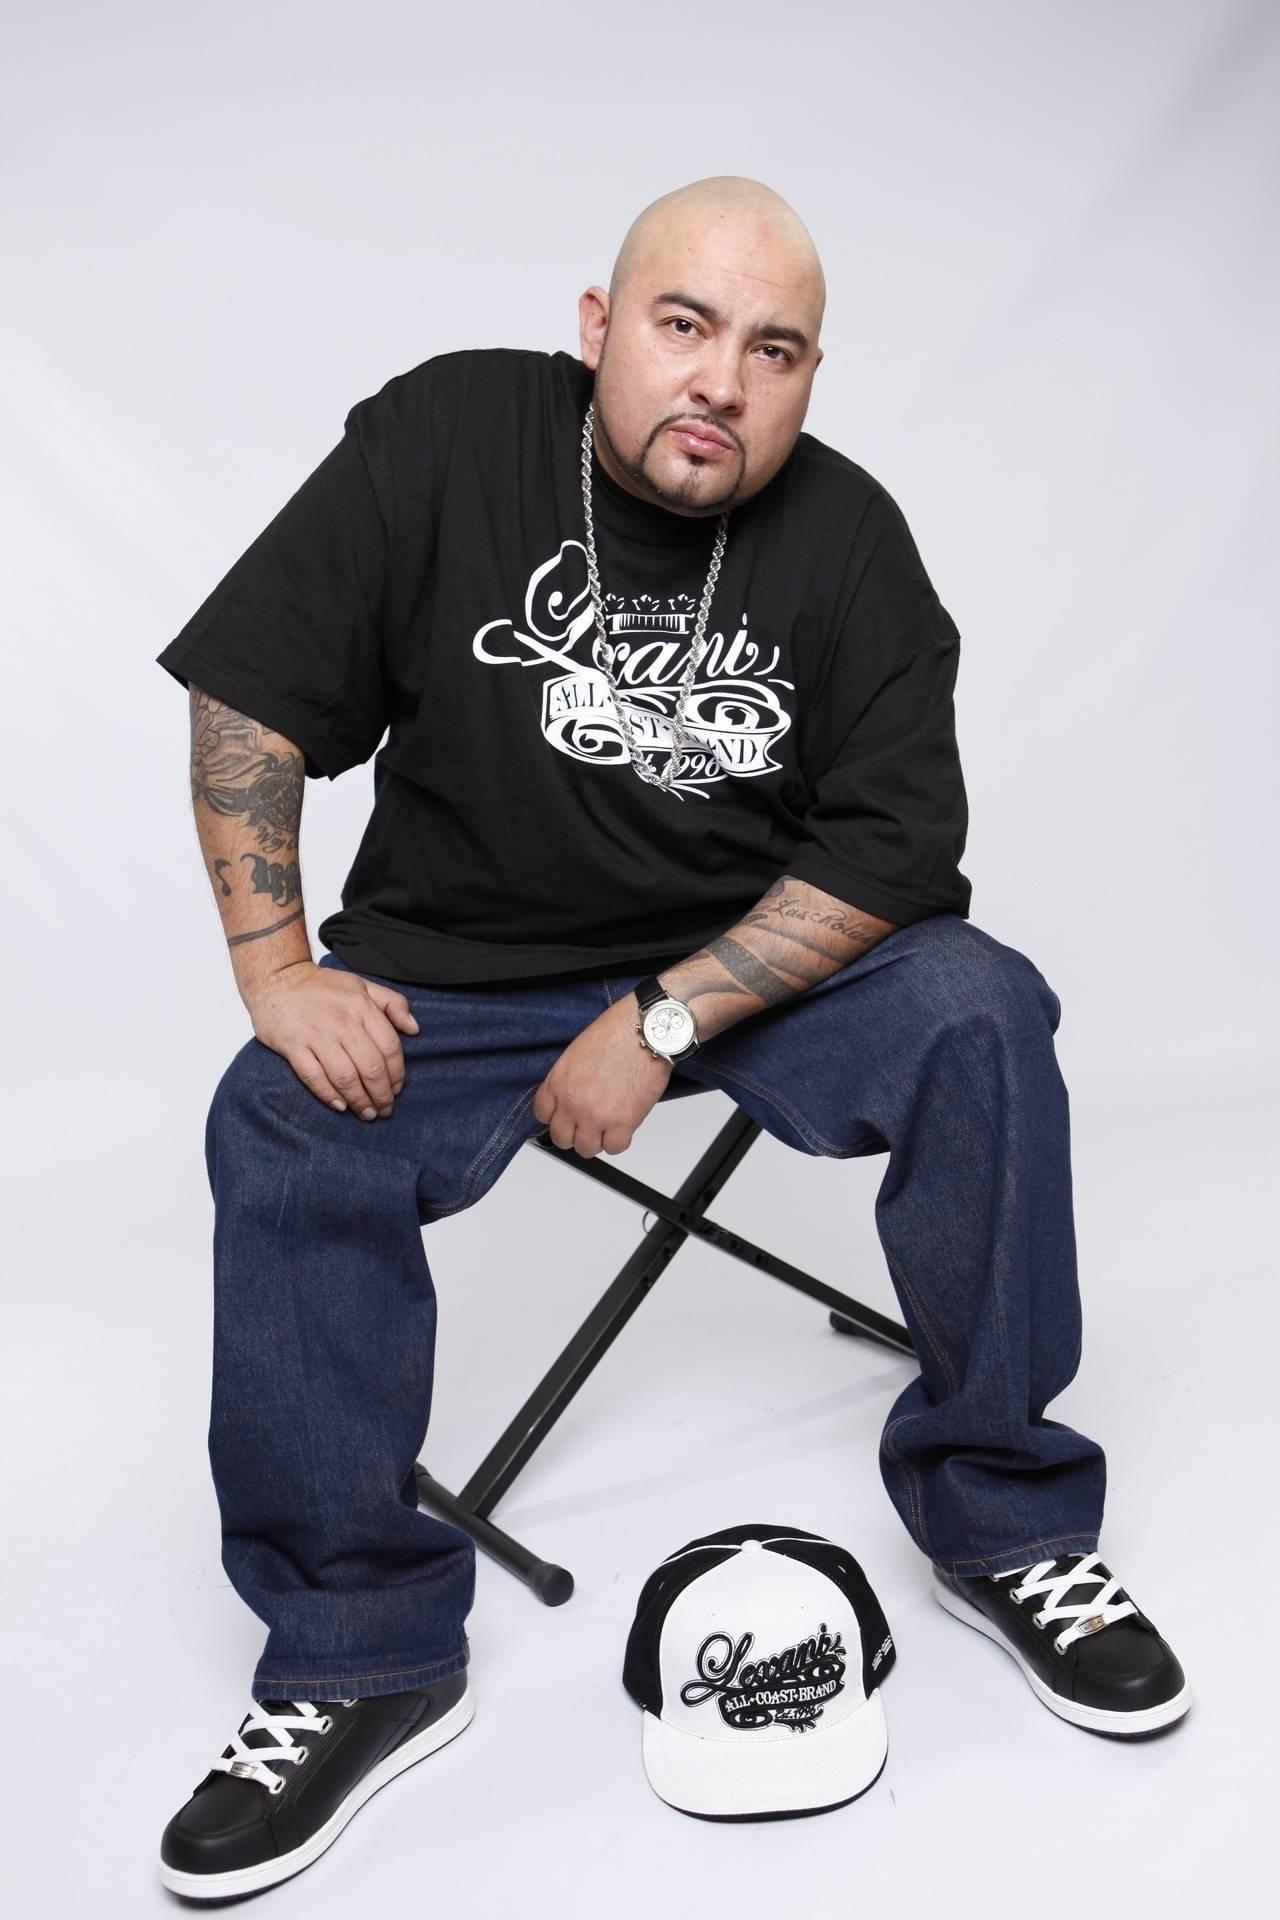 DJ / RADIO PERSONALITY DAVID ROLAS